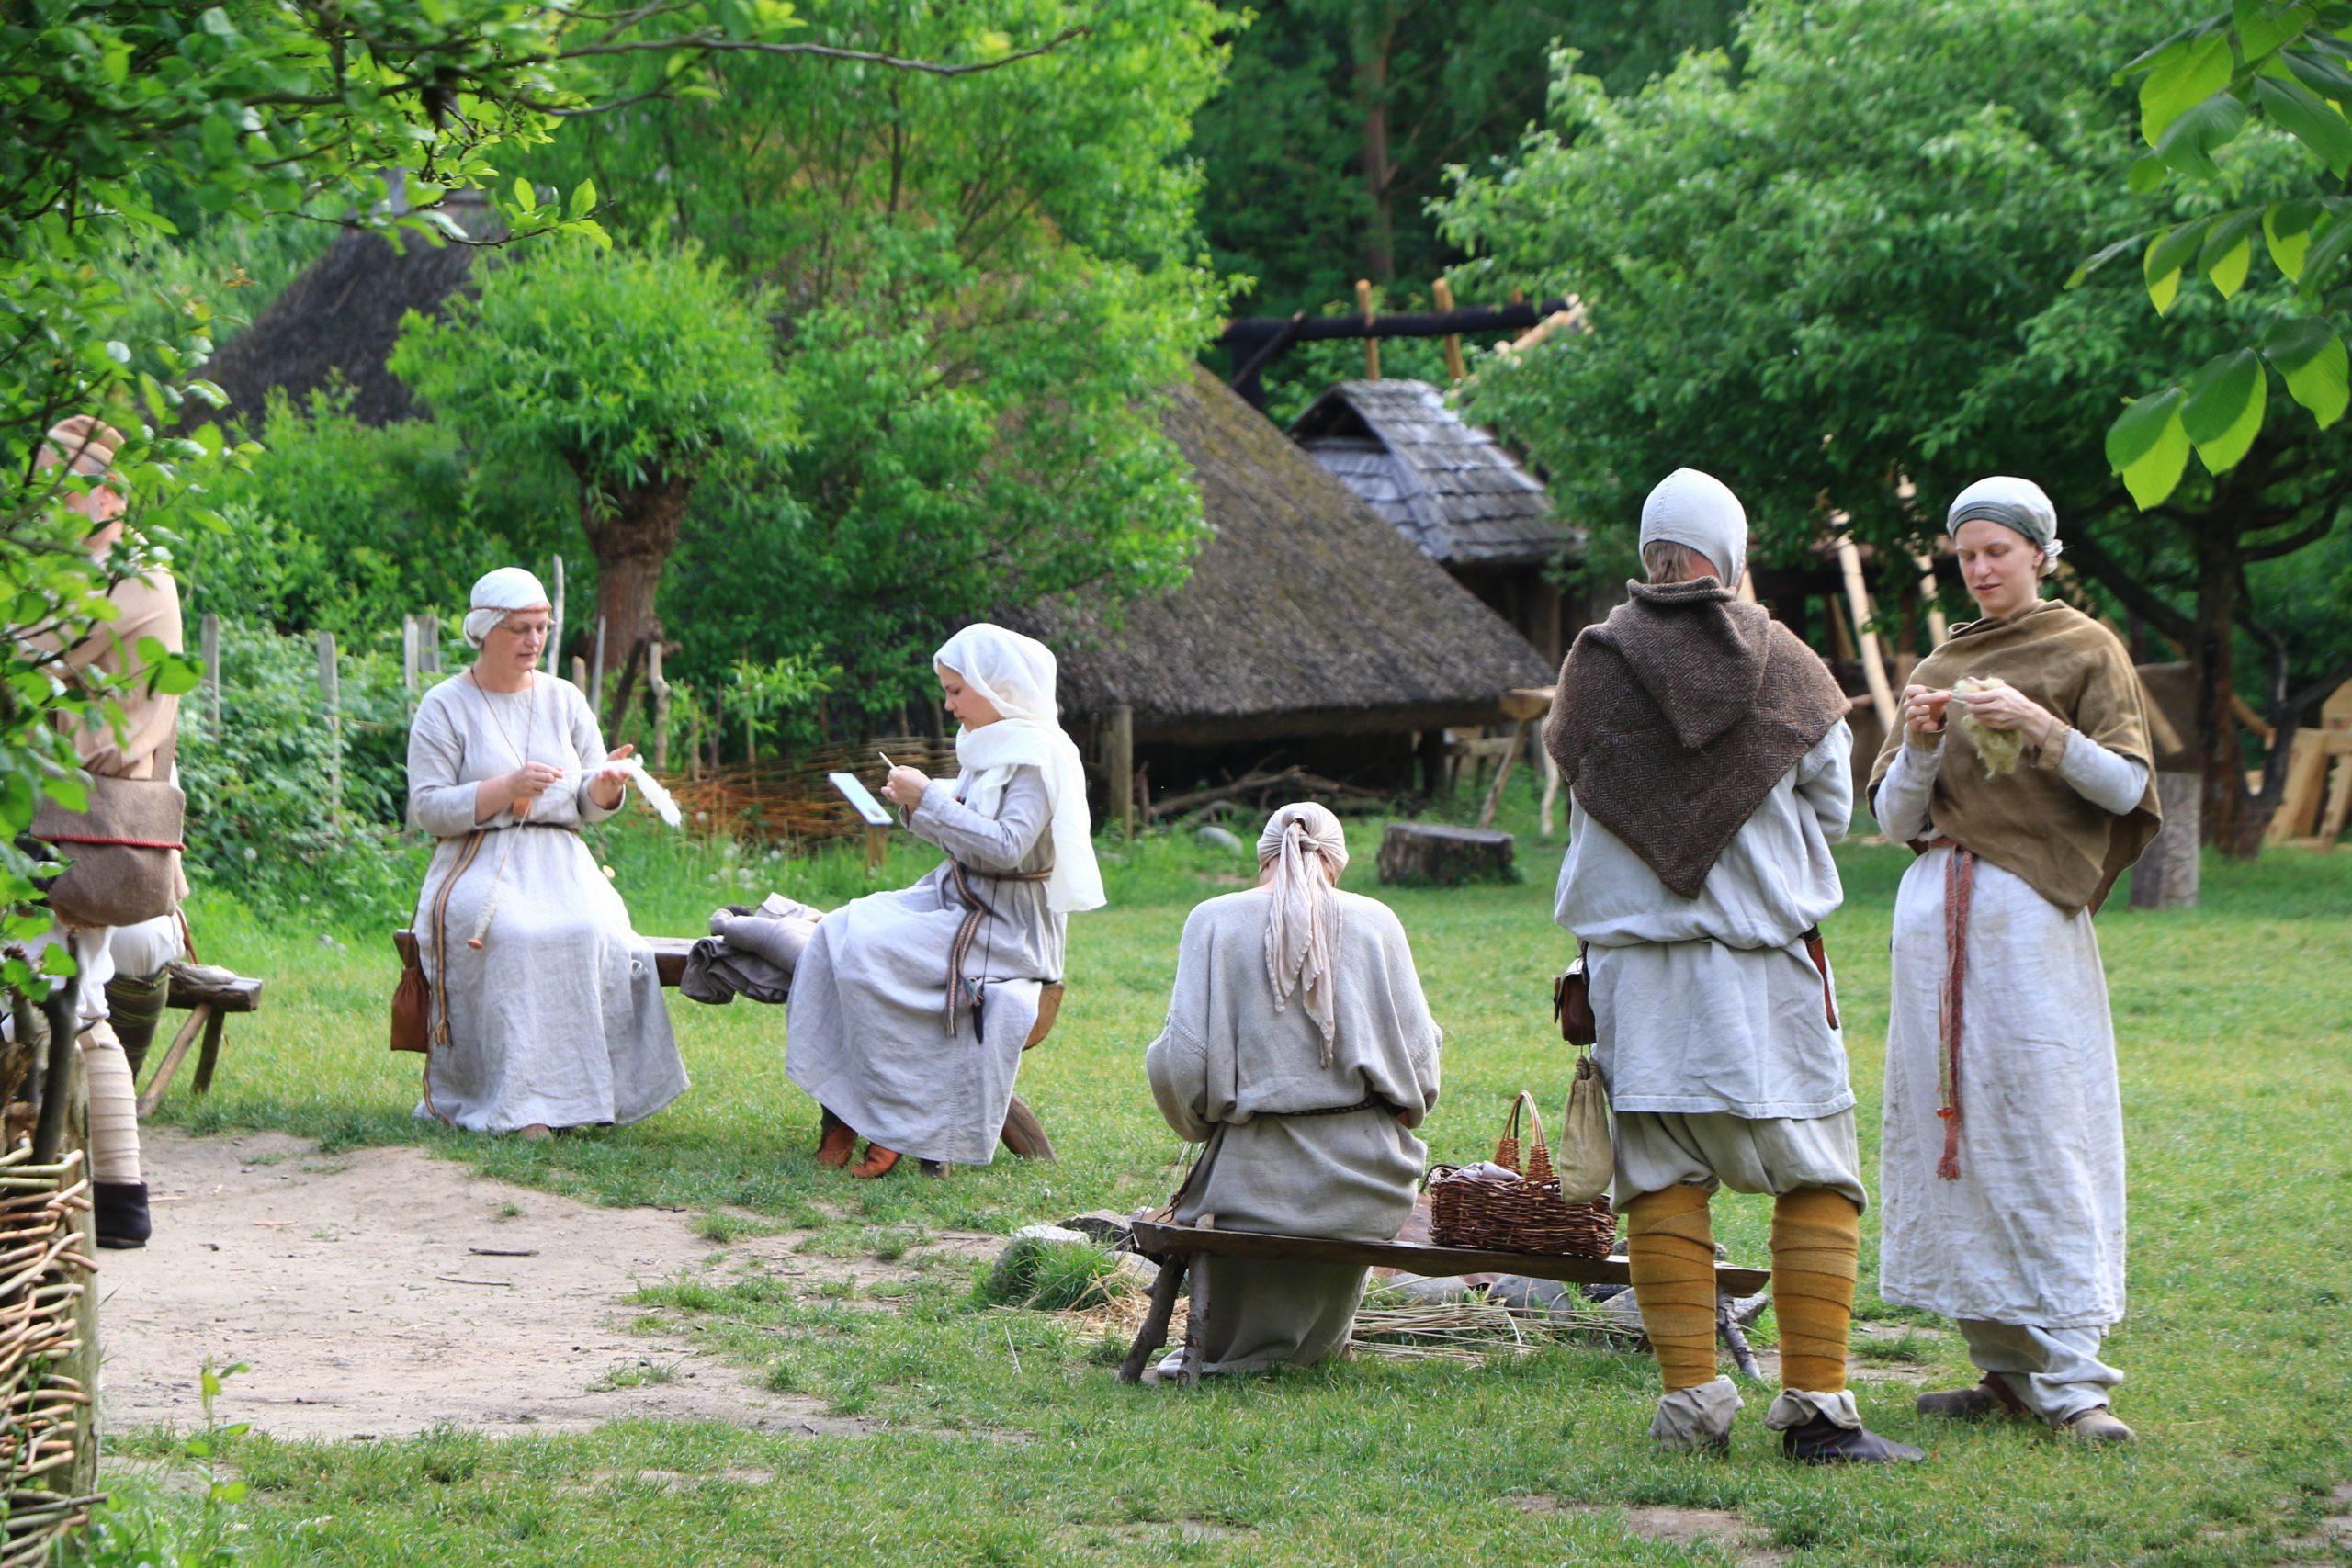 Märchen Berlin Das Museumsdorf Düppel ist ein nachgebautes Dorf aus dem Hochmittelalter, das einst Teil eines großen Königreichs gewesen sein könnte.